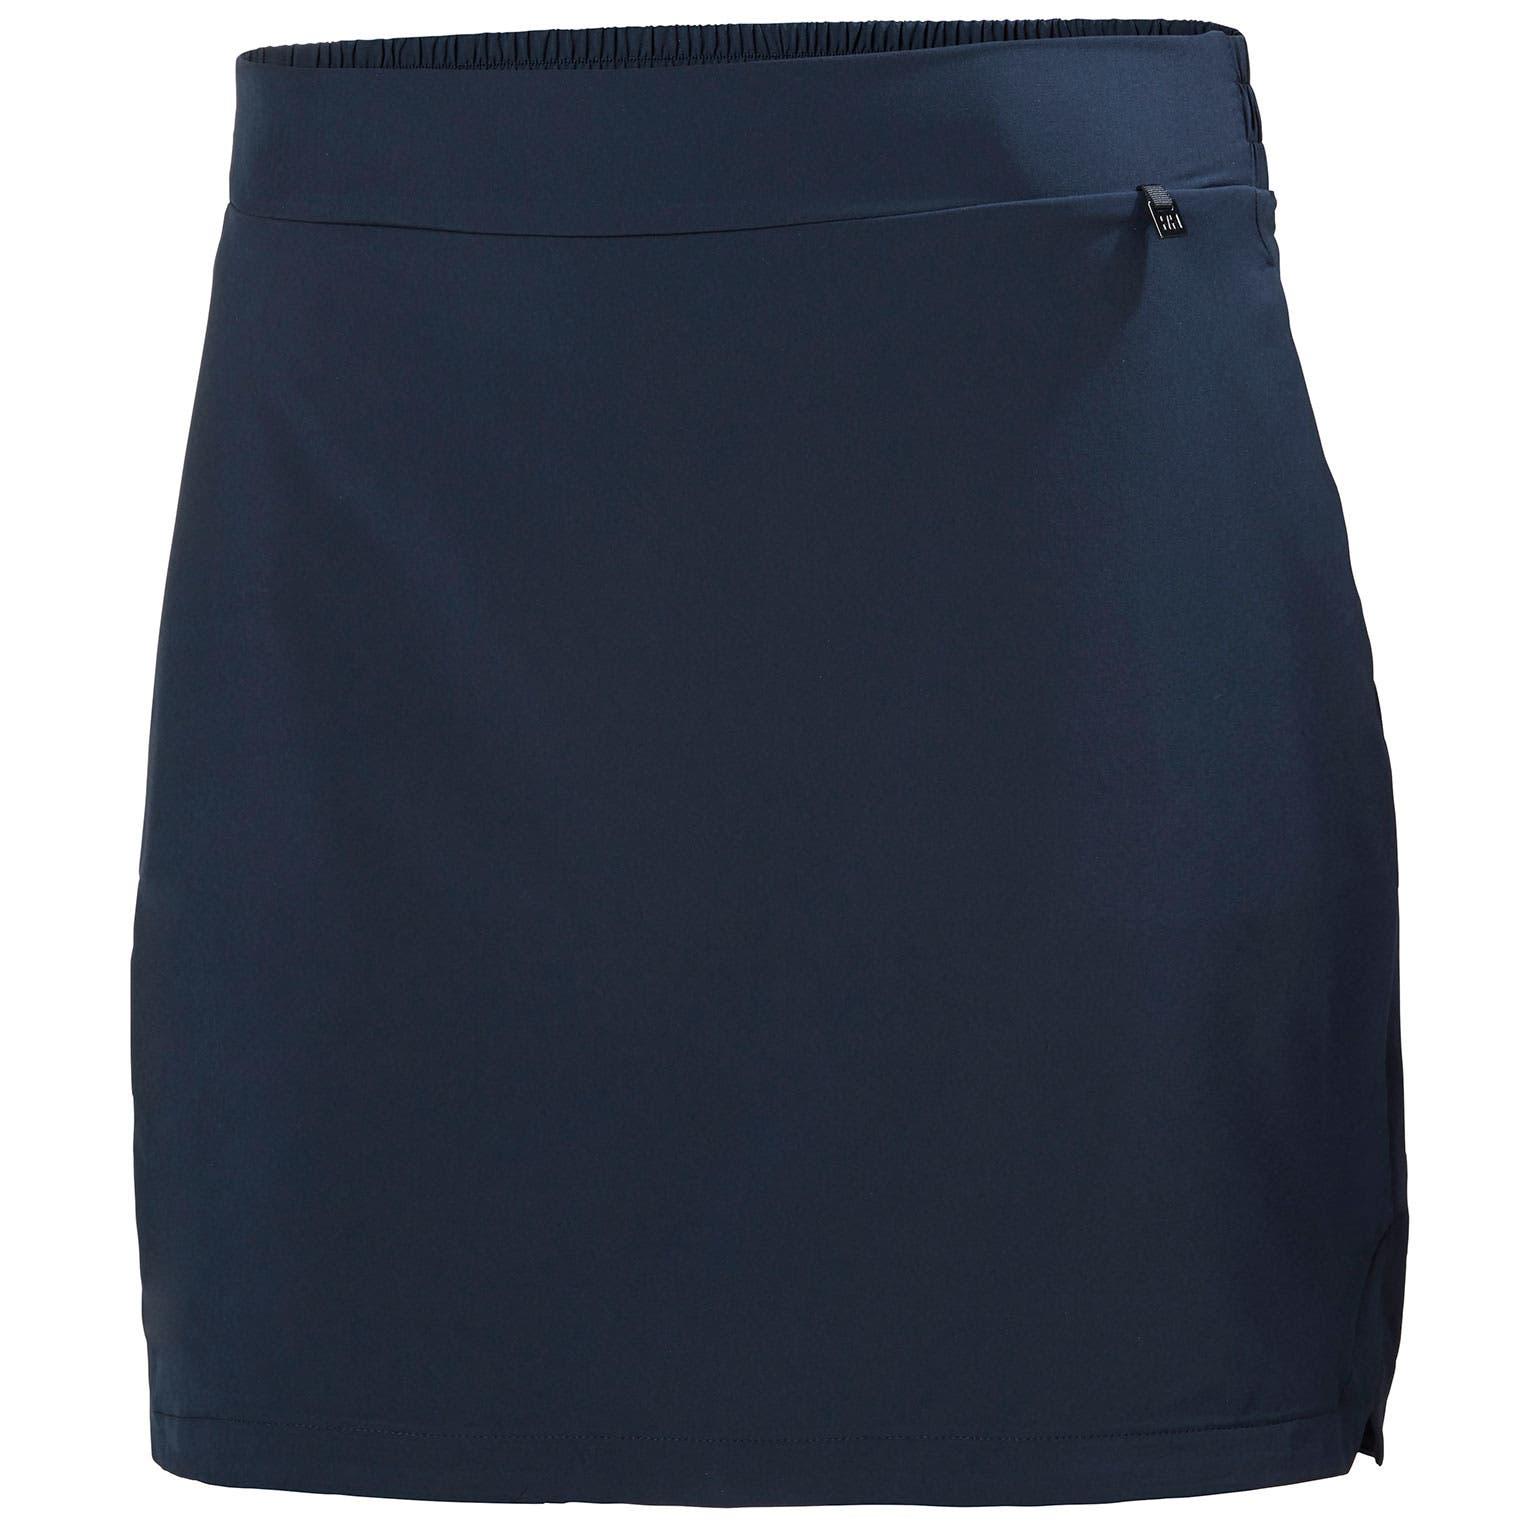 Helly Hansen Thalia Skirt (33964)